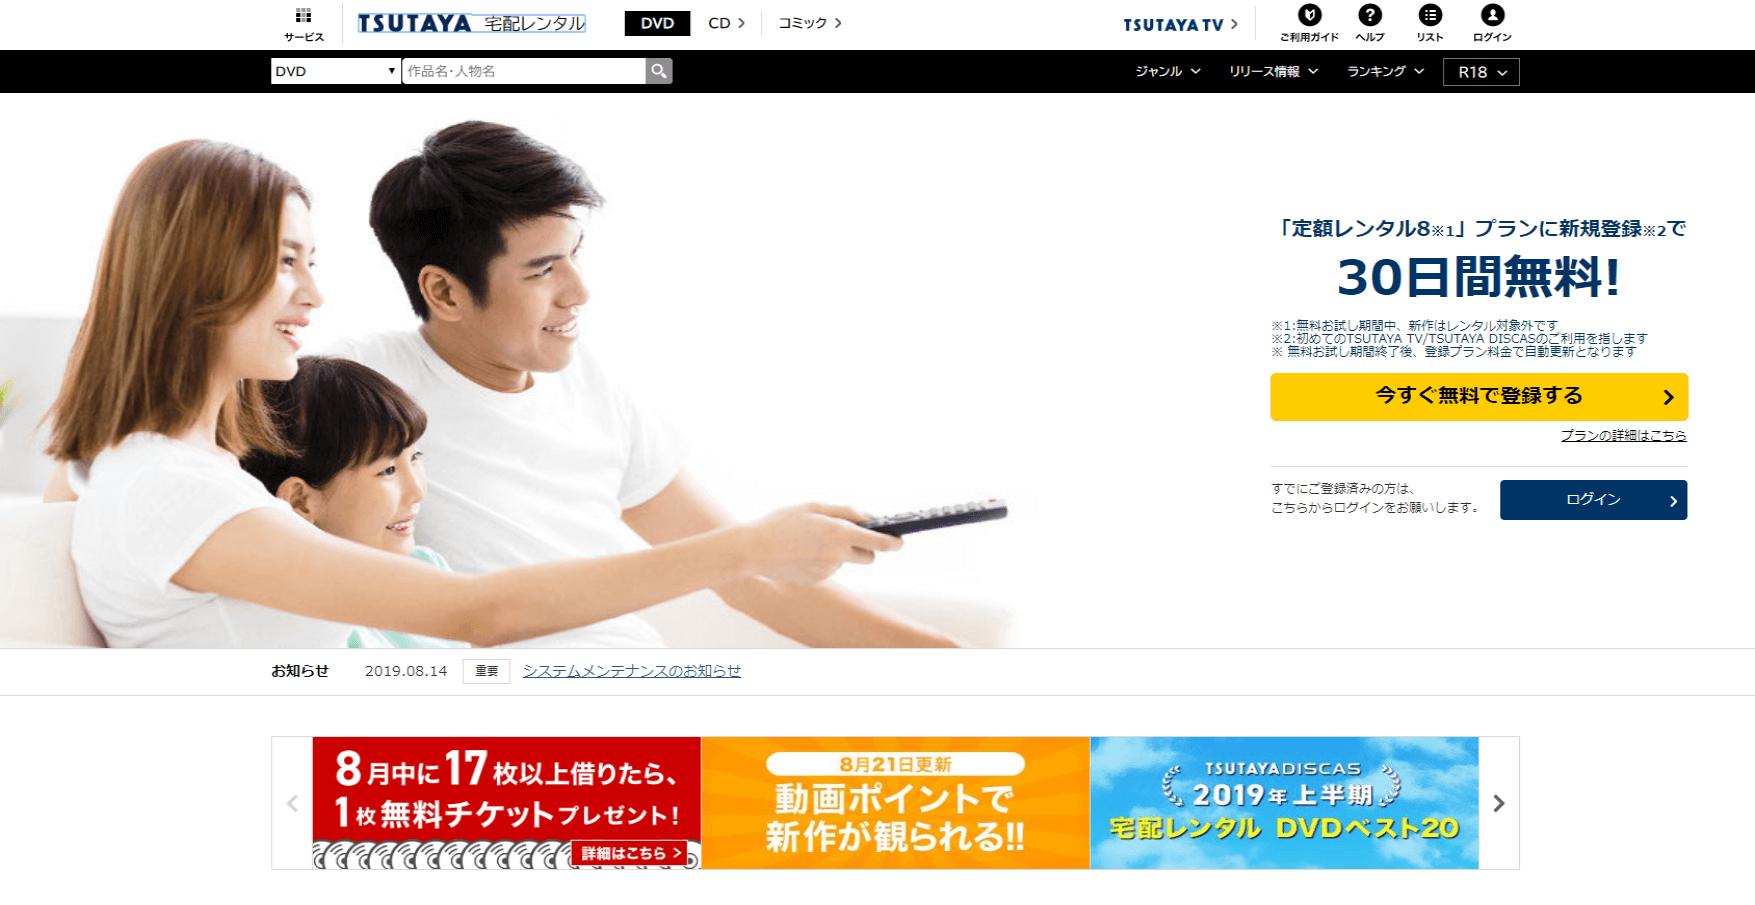 レンタル 検索 コミック tsutaya